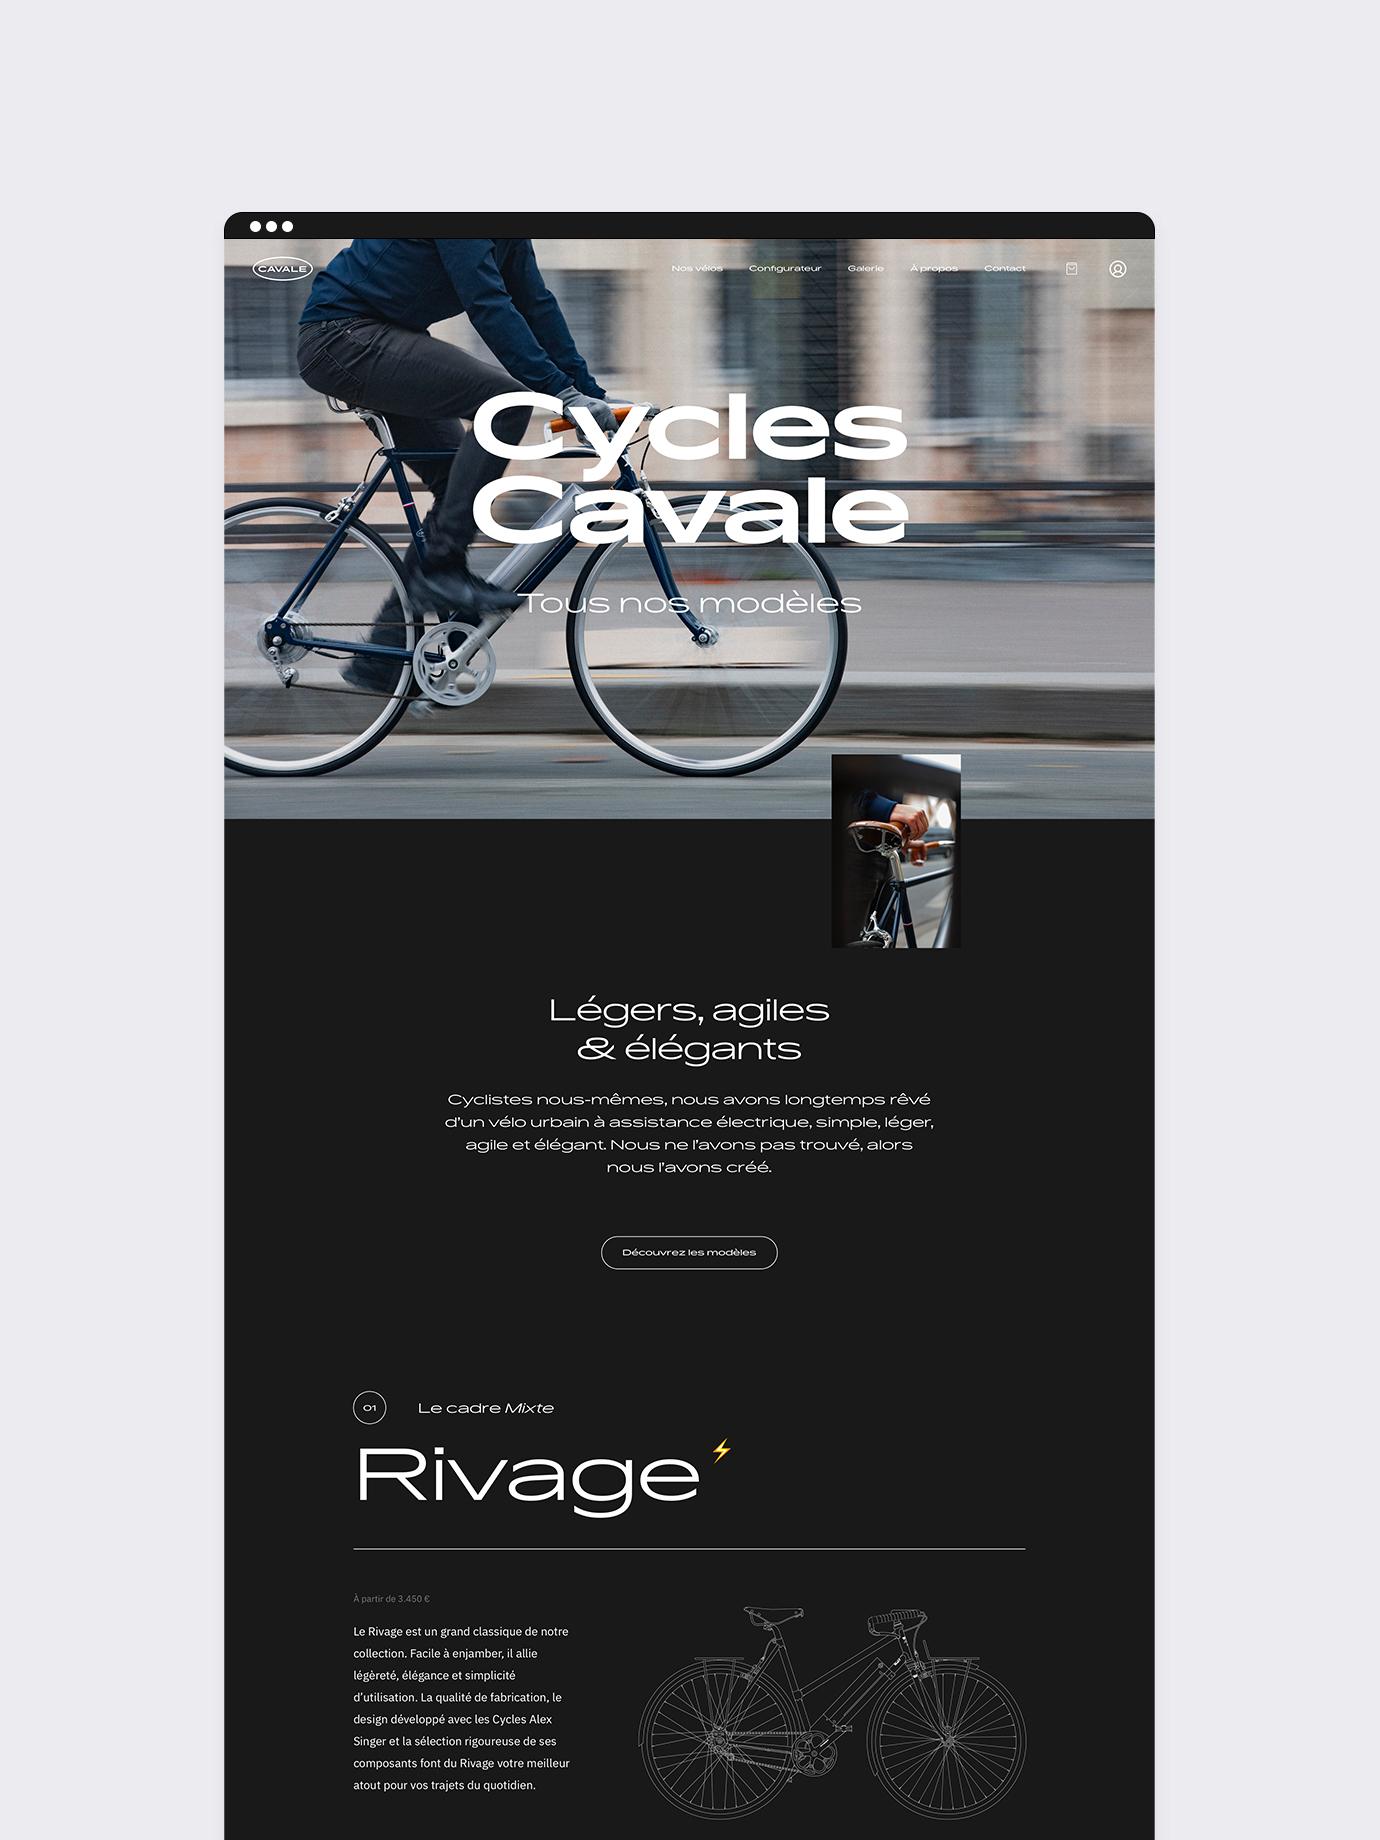 images.squarespace-cdn.com-11635589195248300